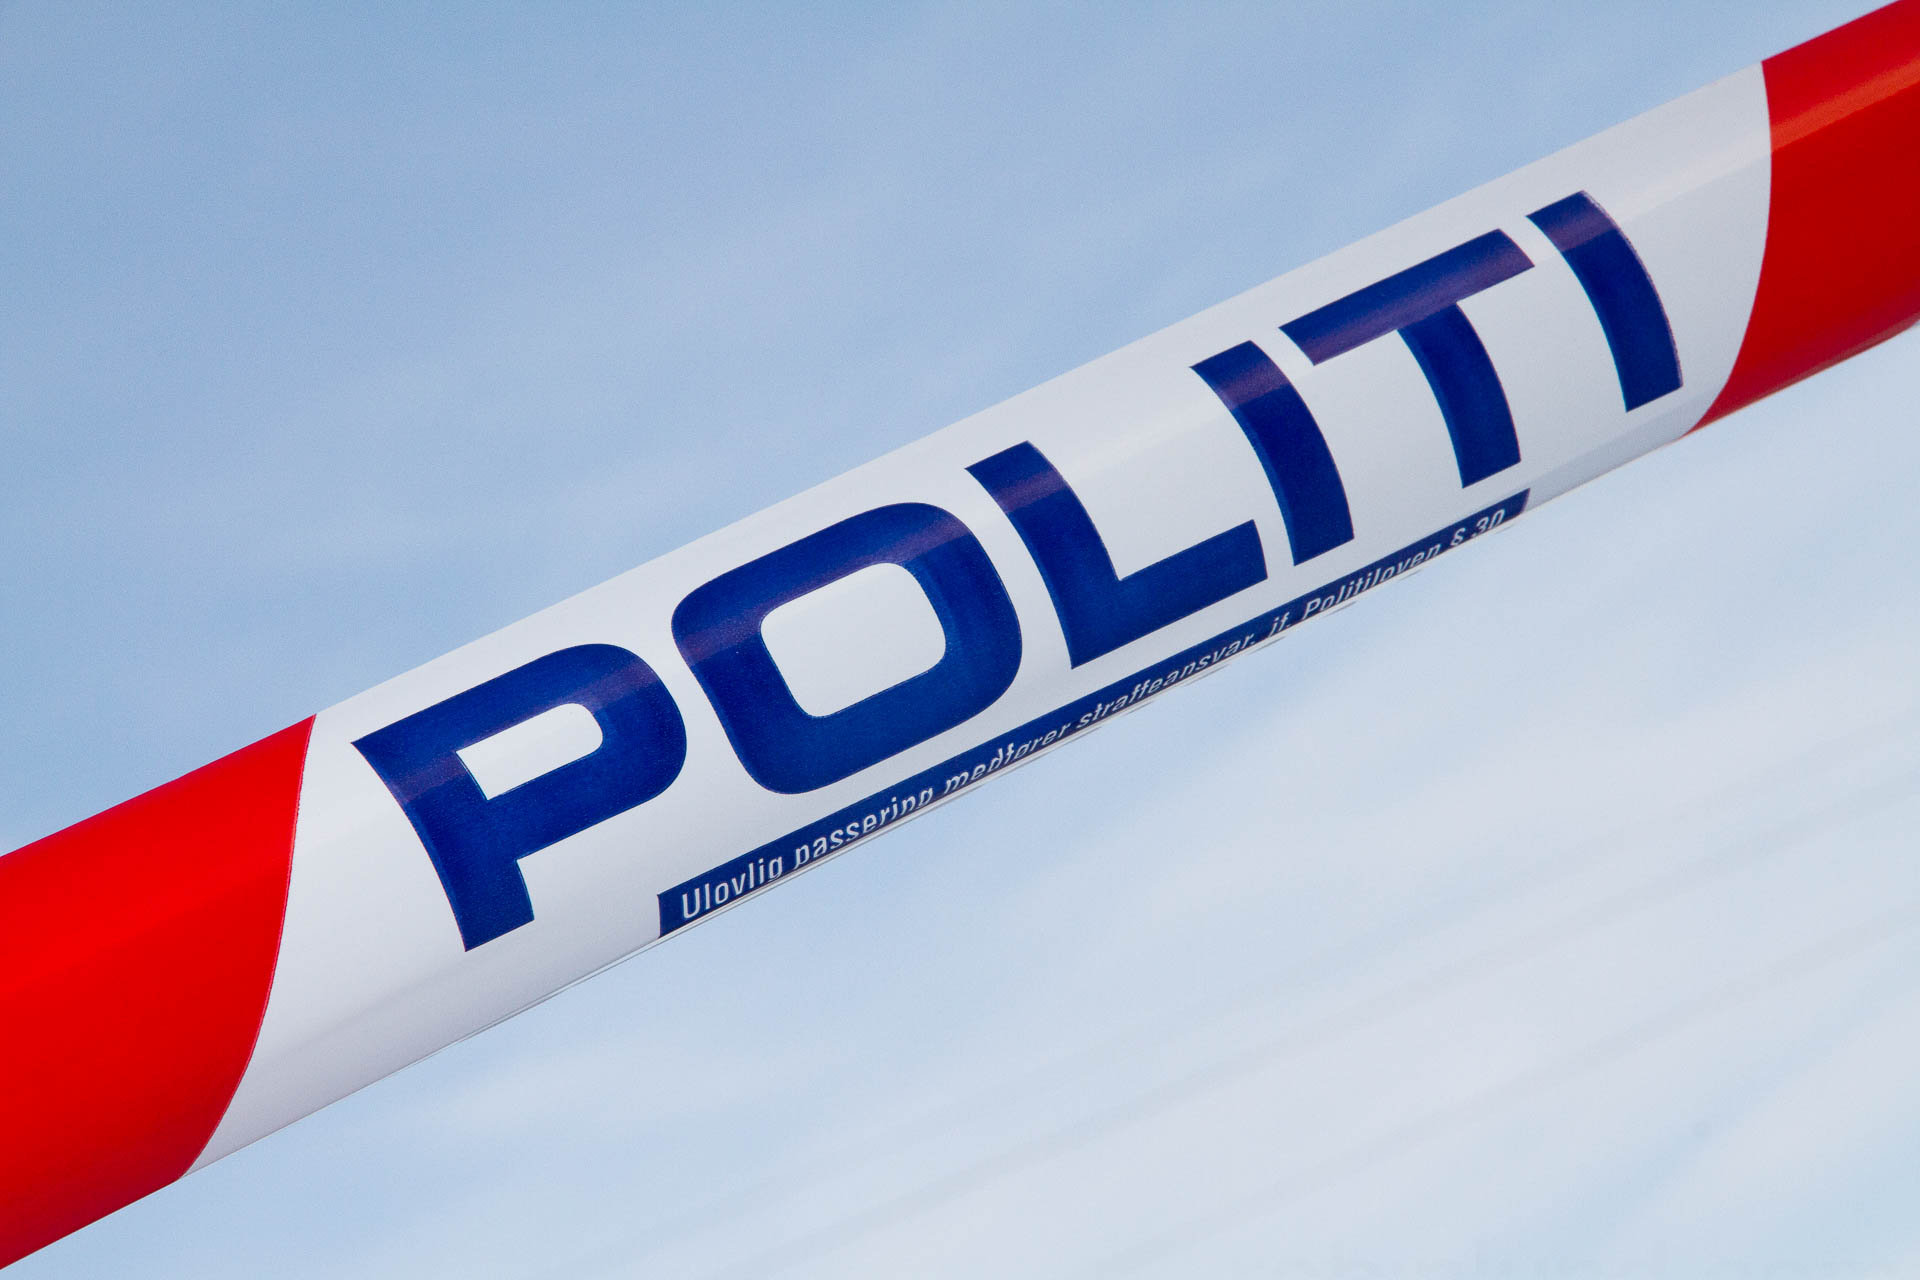 Politisperrebånd